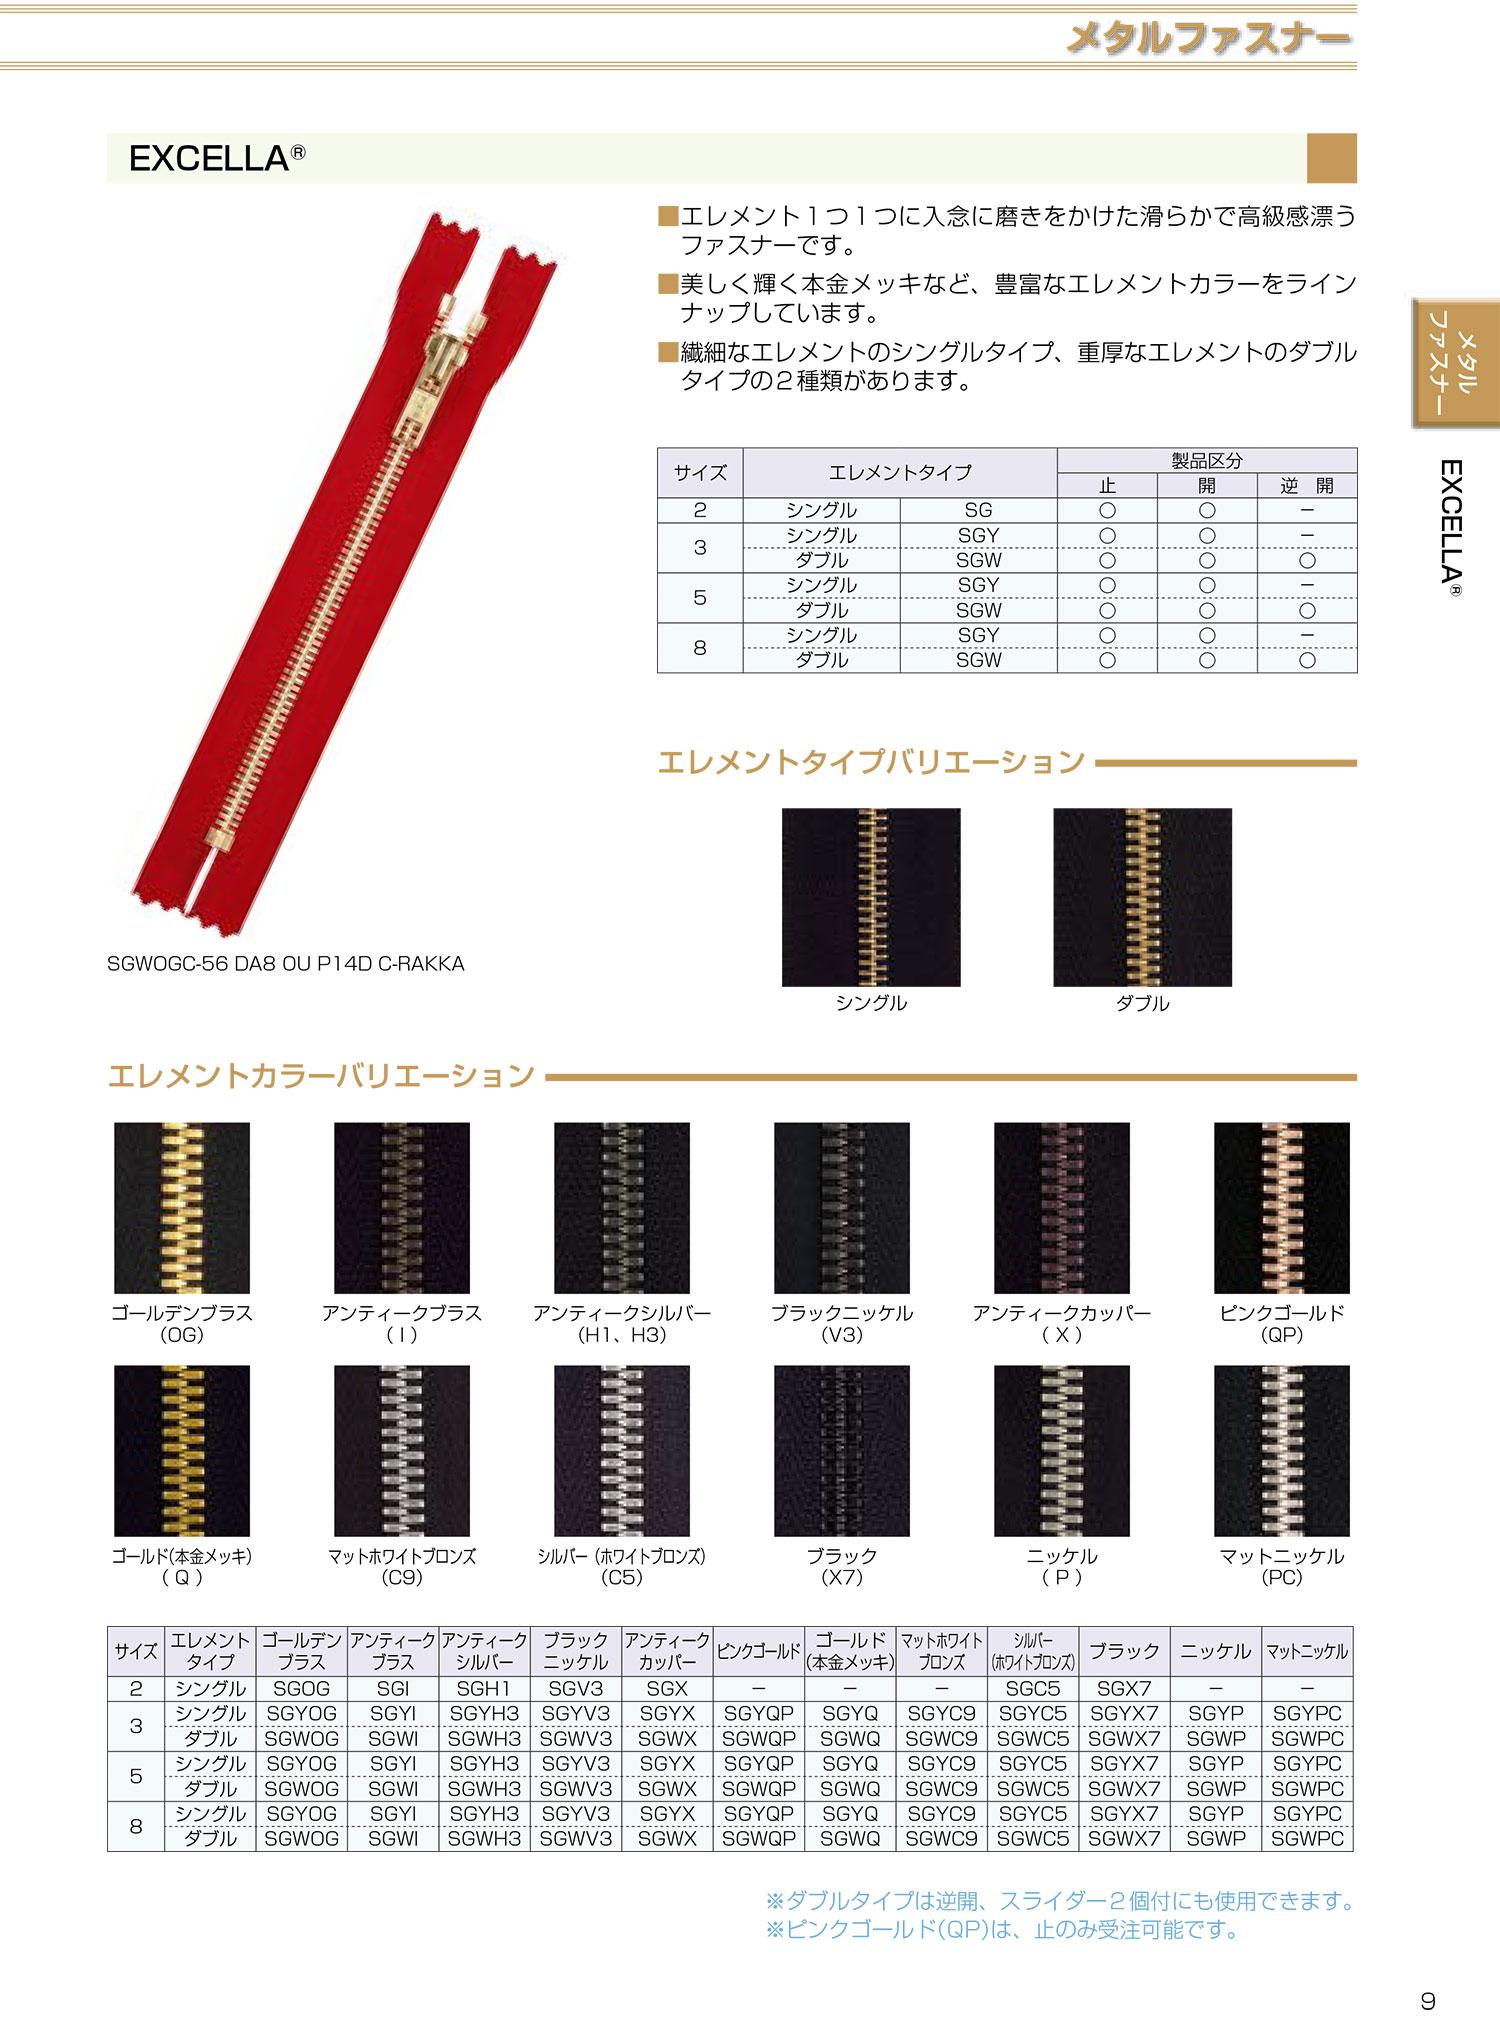 8SGWC5OR エクセラ 8サイズ シルバー(ホワイトブロンズ) オープン ダブル[ファスナー] YKK/オークラ商事 - ApparelX アパレル資材卸通販